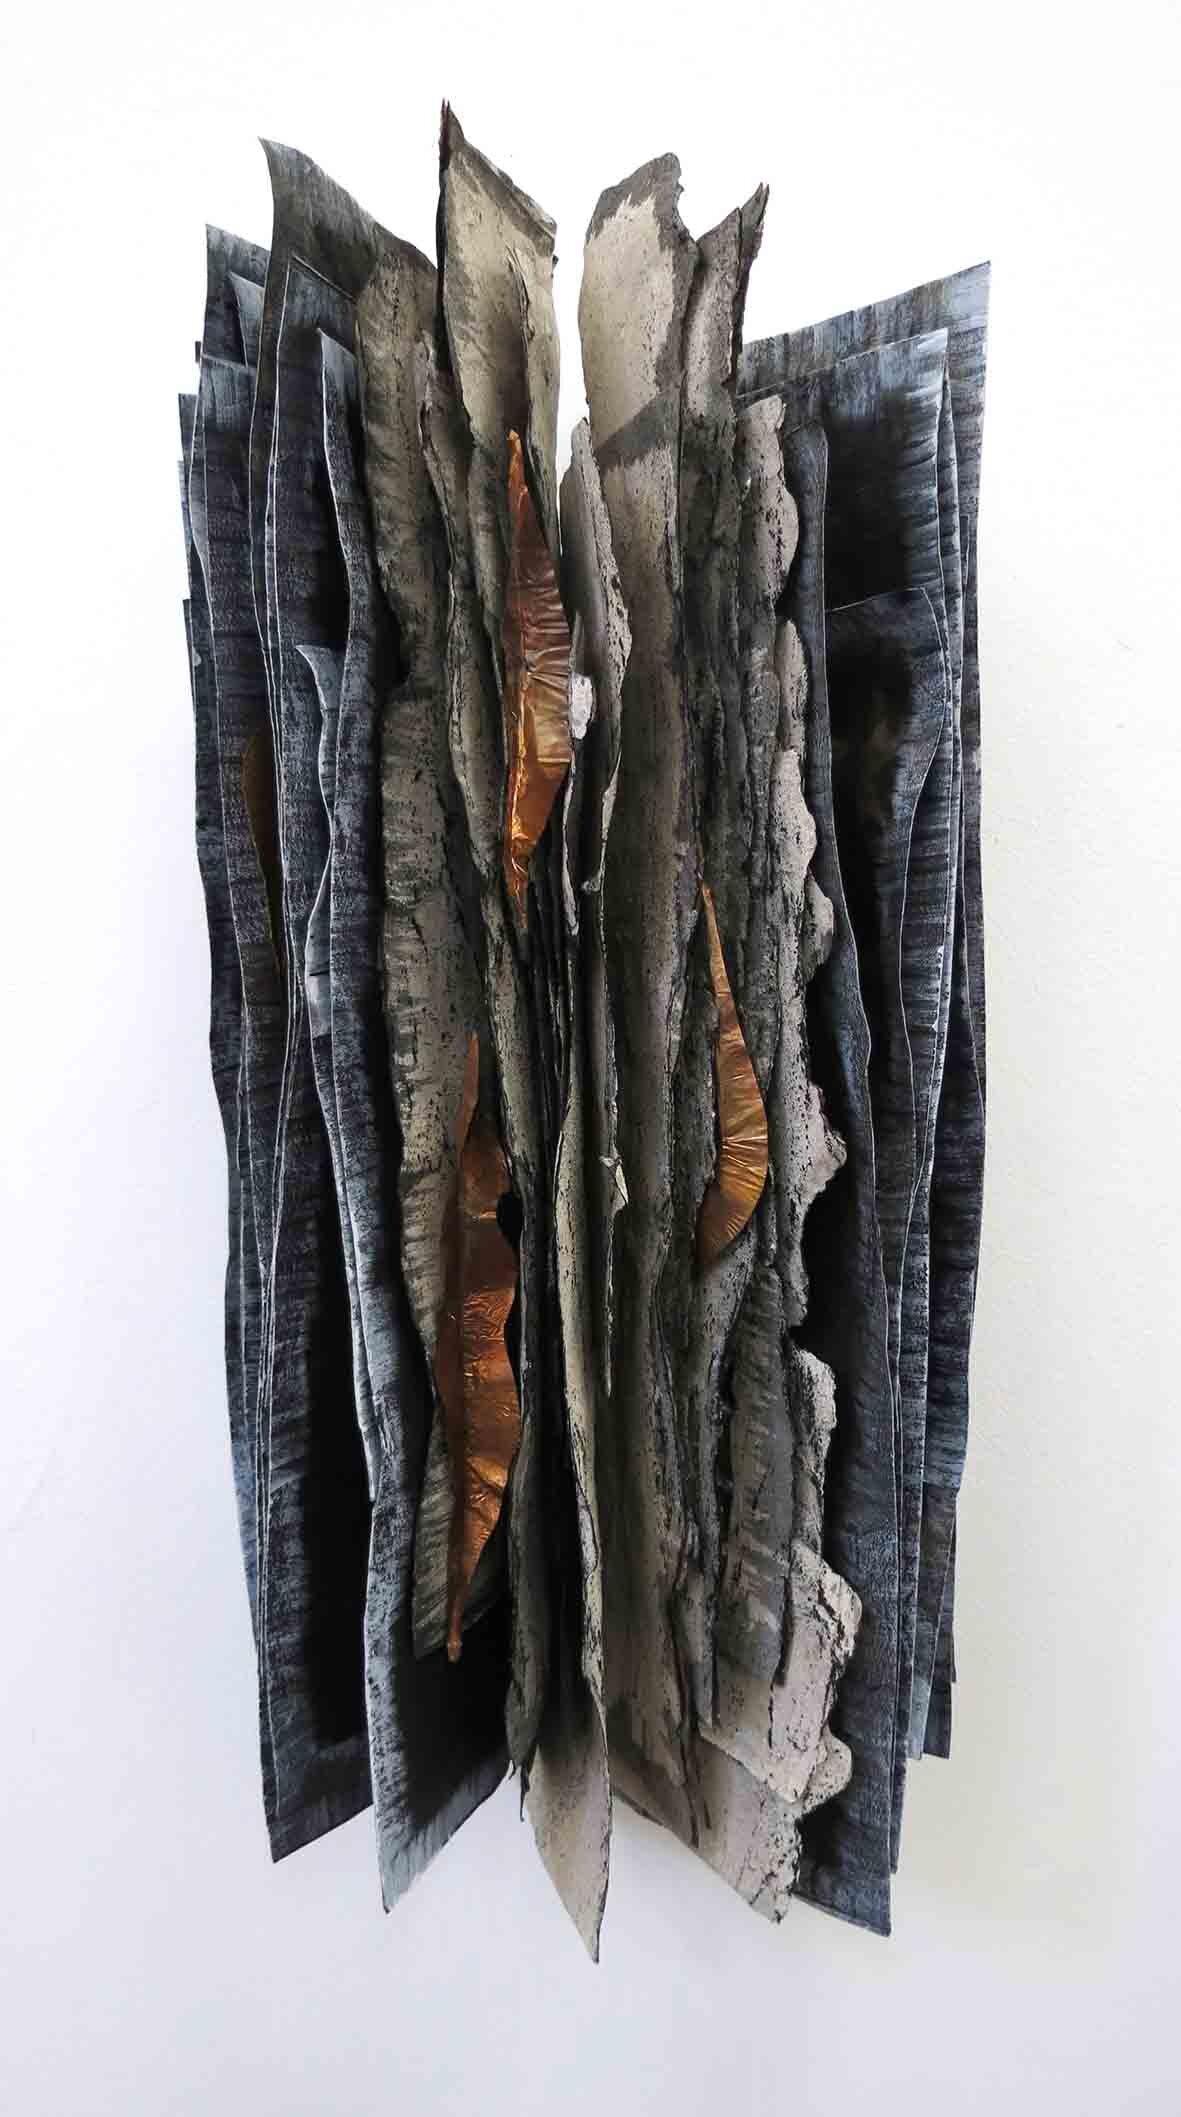 35. Monique Tippett, Jarrah, 2019, recycled paper, ash, charcoal, copper, 40 x 25 x 14 cm $500